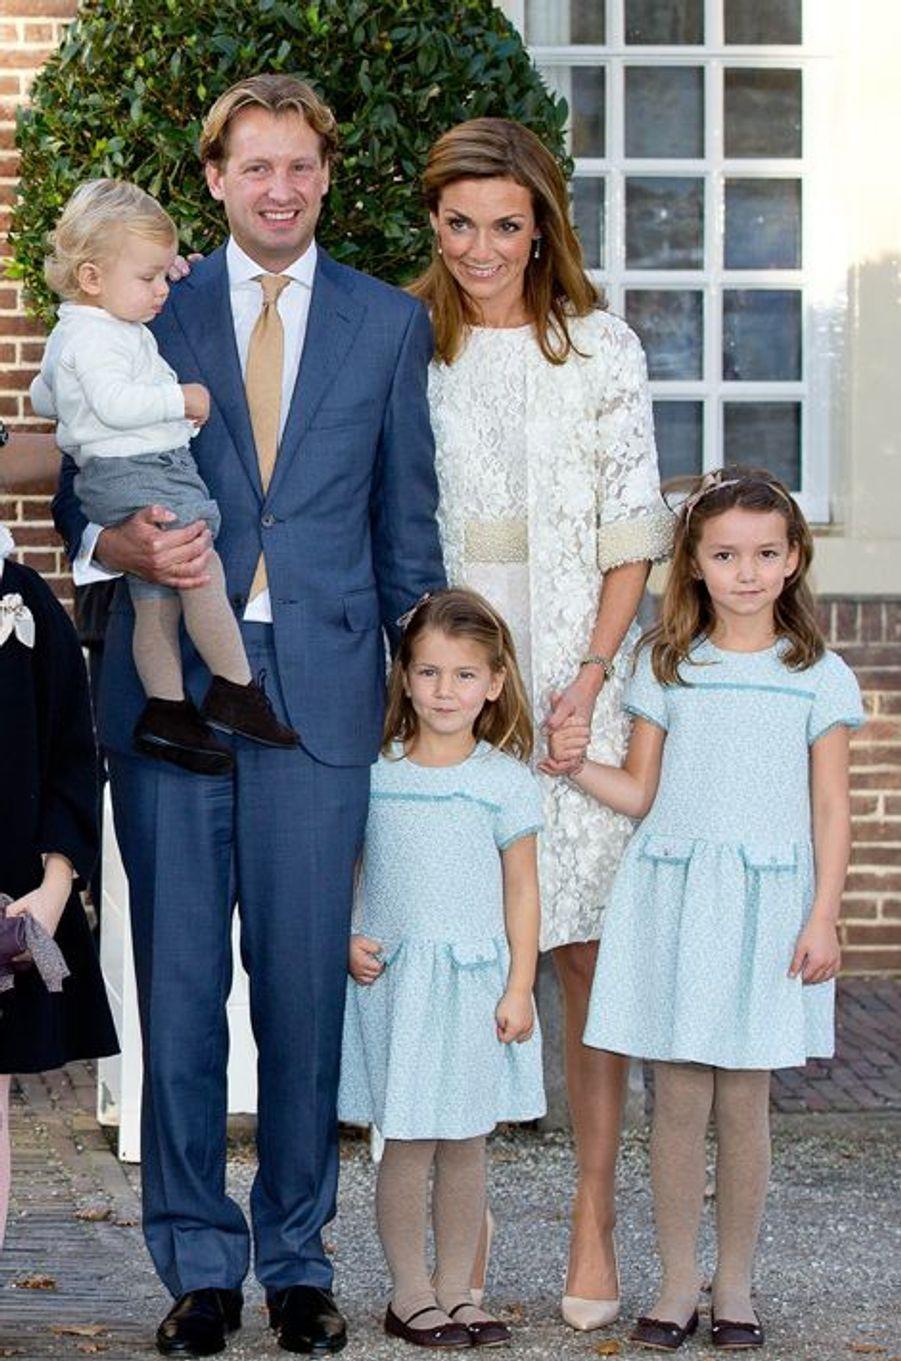 Le prince Floris, son épouse la princesse Aimée et leurs enfants à Apeldoorn, le 9 novembre 2014